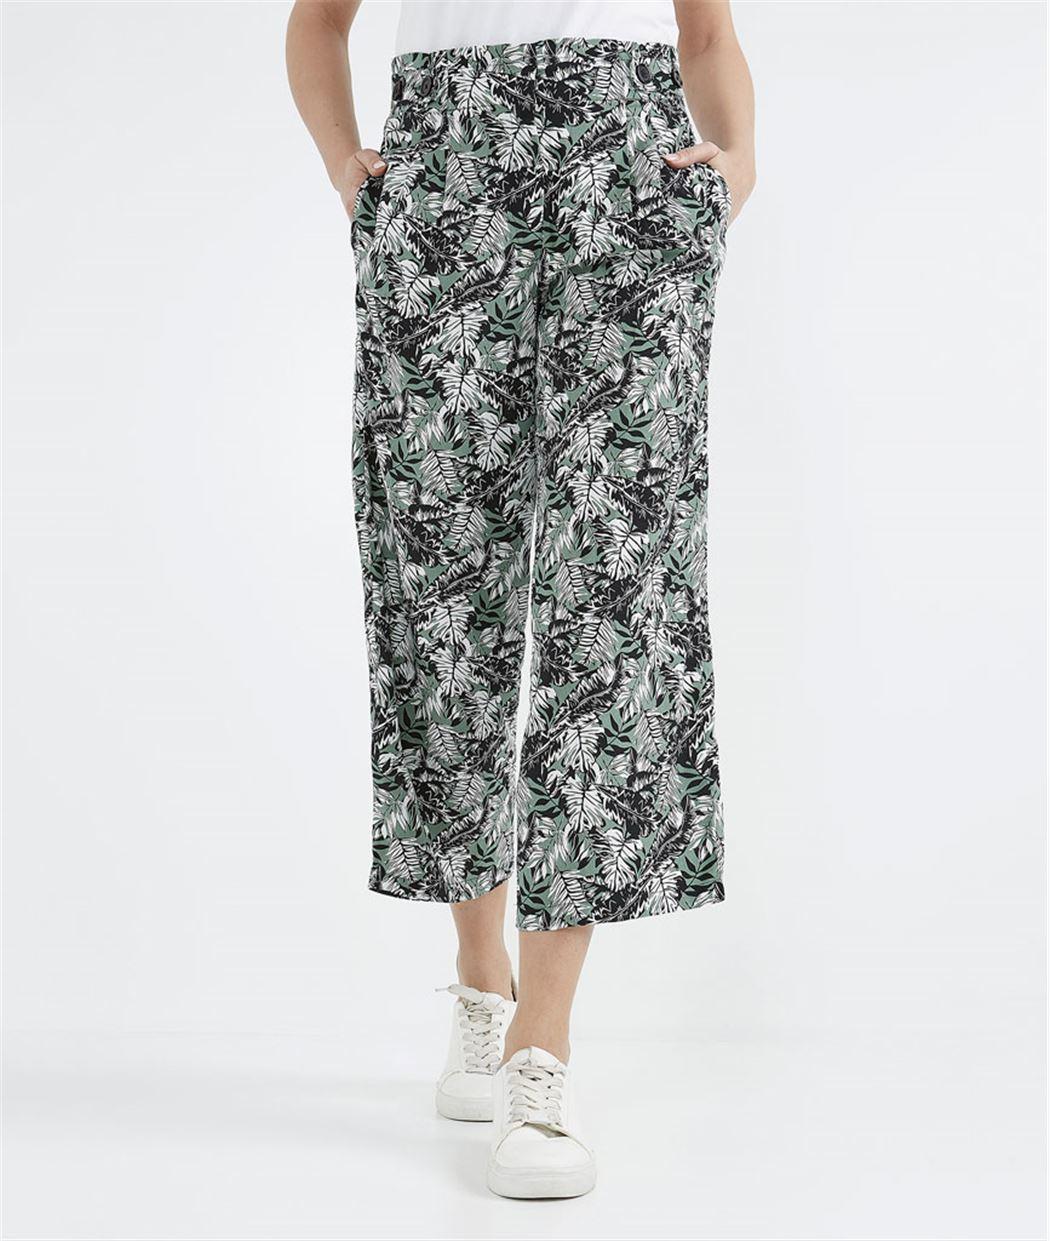 Pantalon femme palazzo fluide KAKI